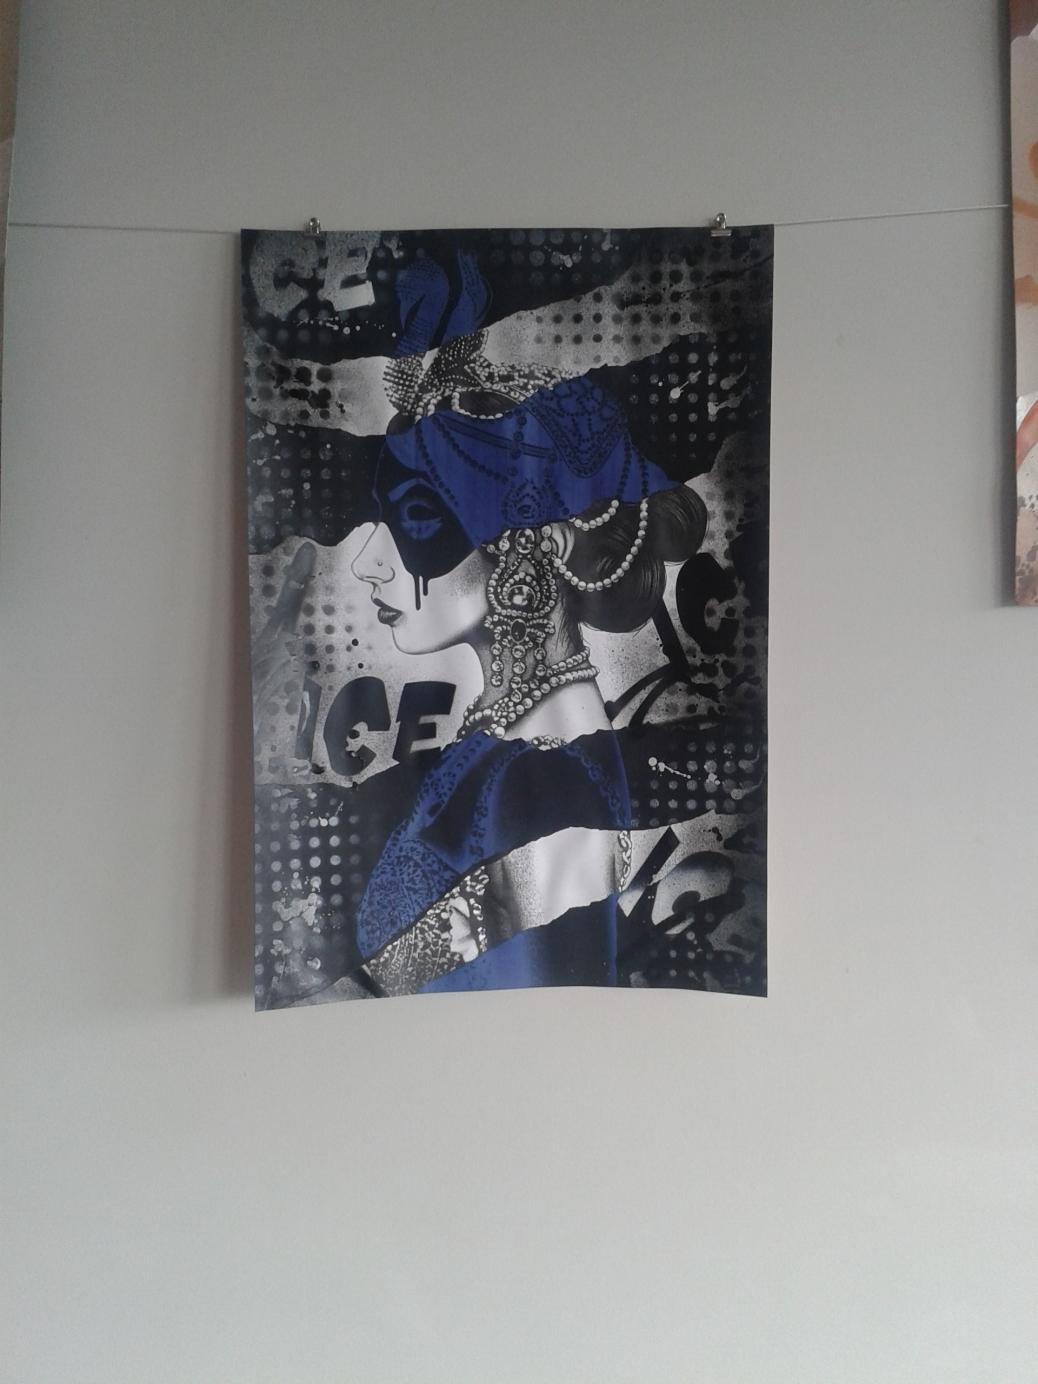 Fin Dac art @ Pigs at The Gibson Hotel Dublin